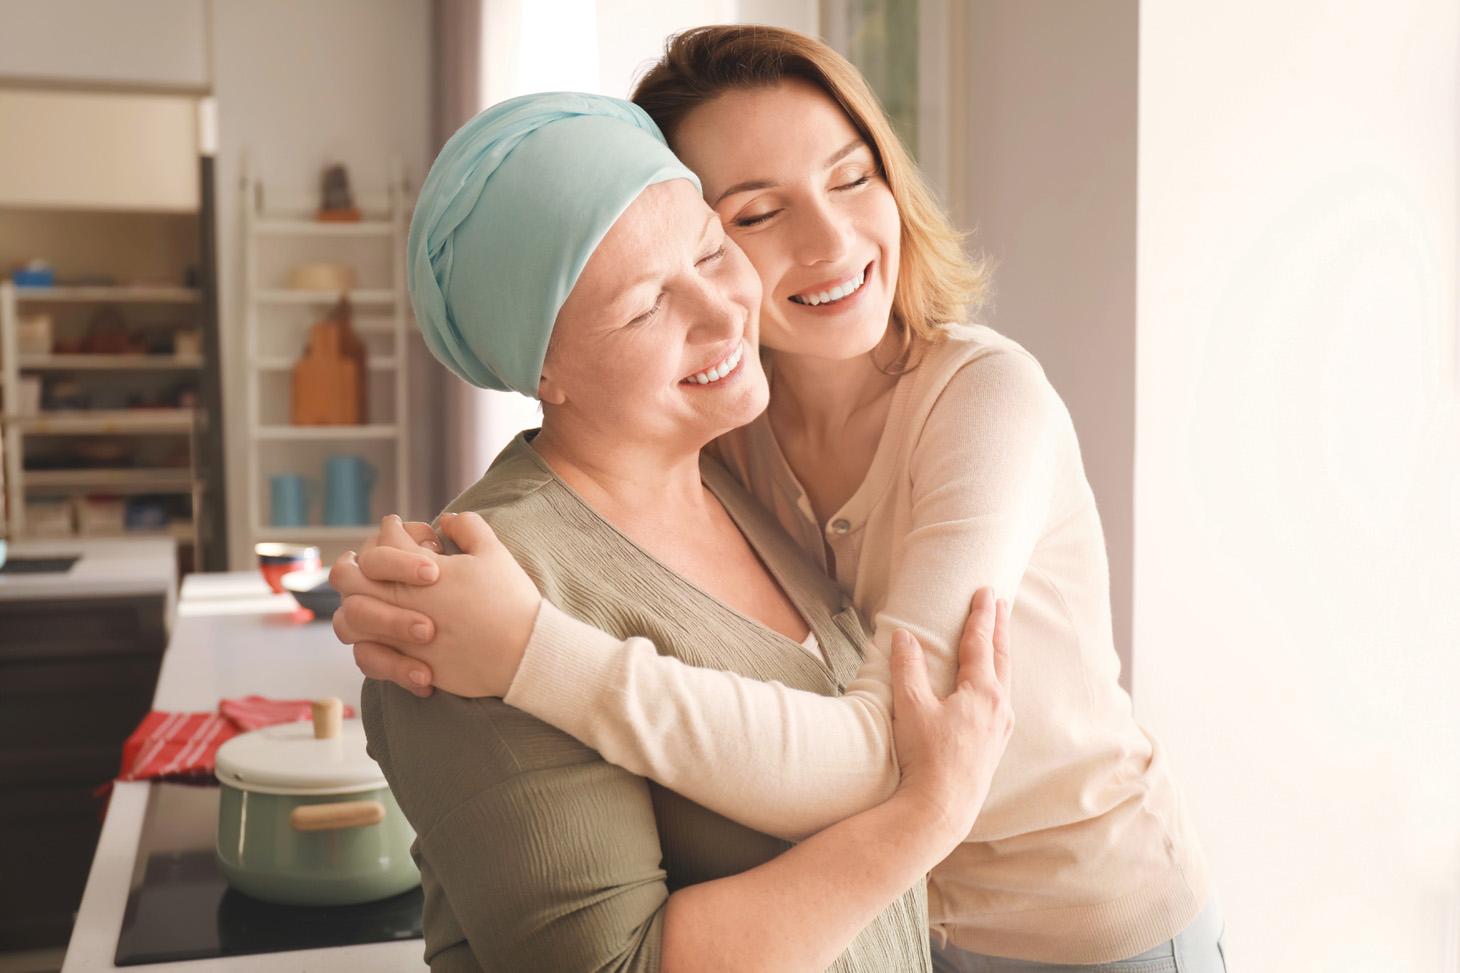 Calvicie en mujeres debido al cáncer, por DHI Costa Rica